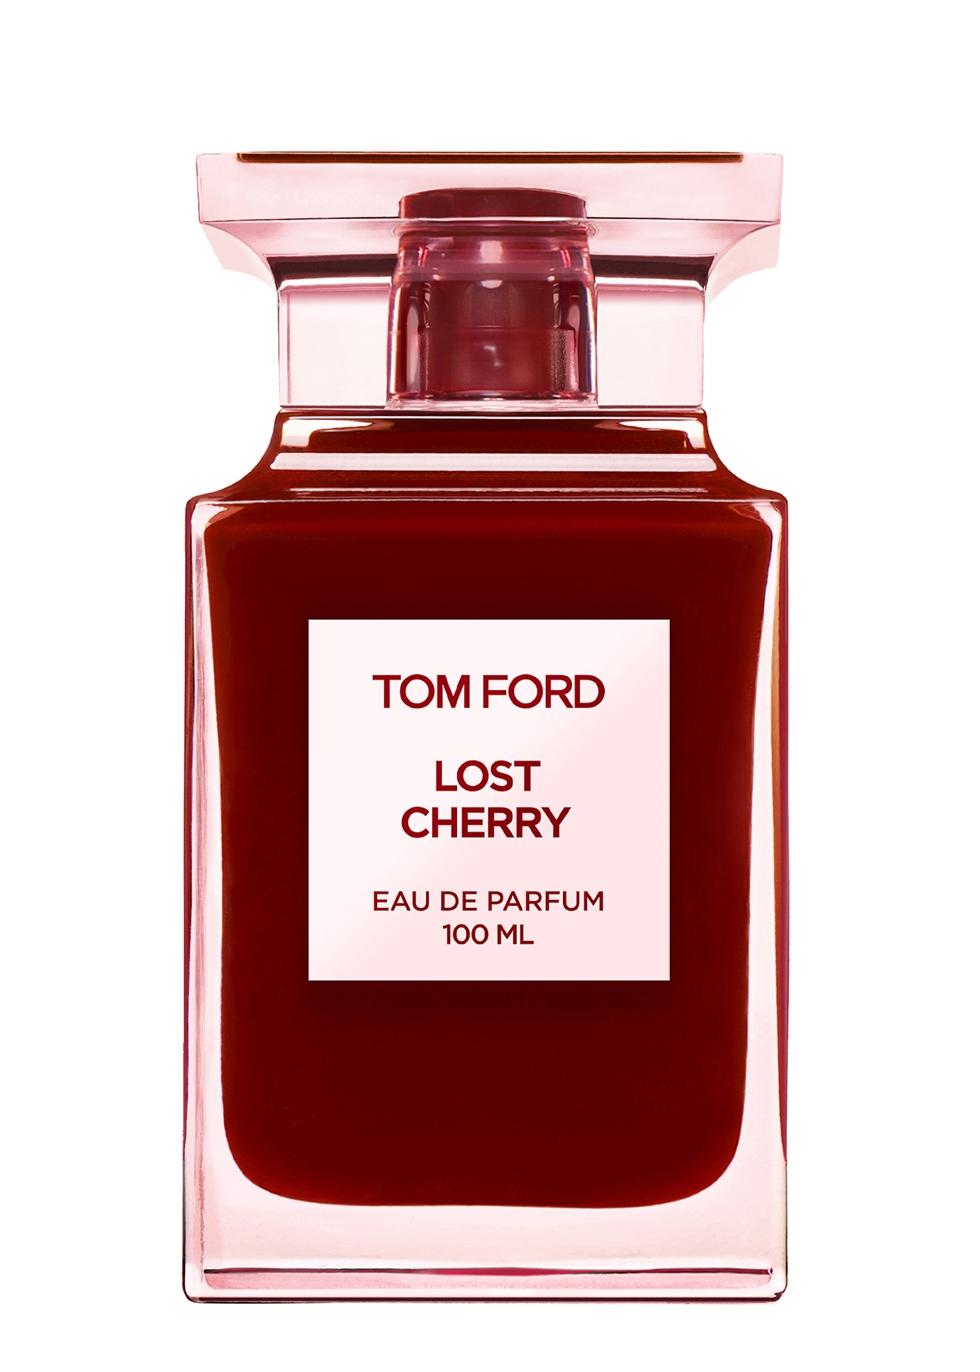 TOM FORD Lost Cherry eau de parfum